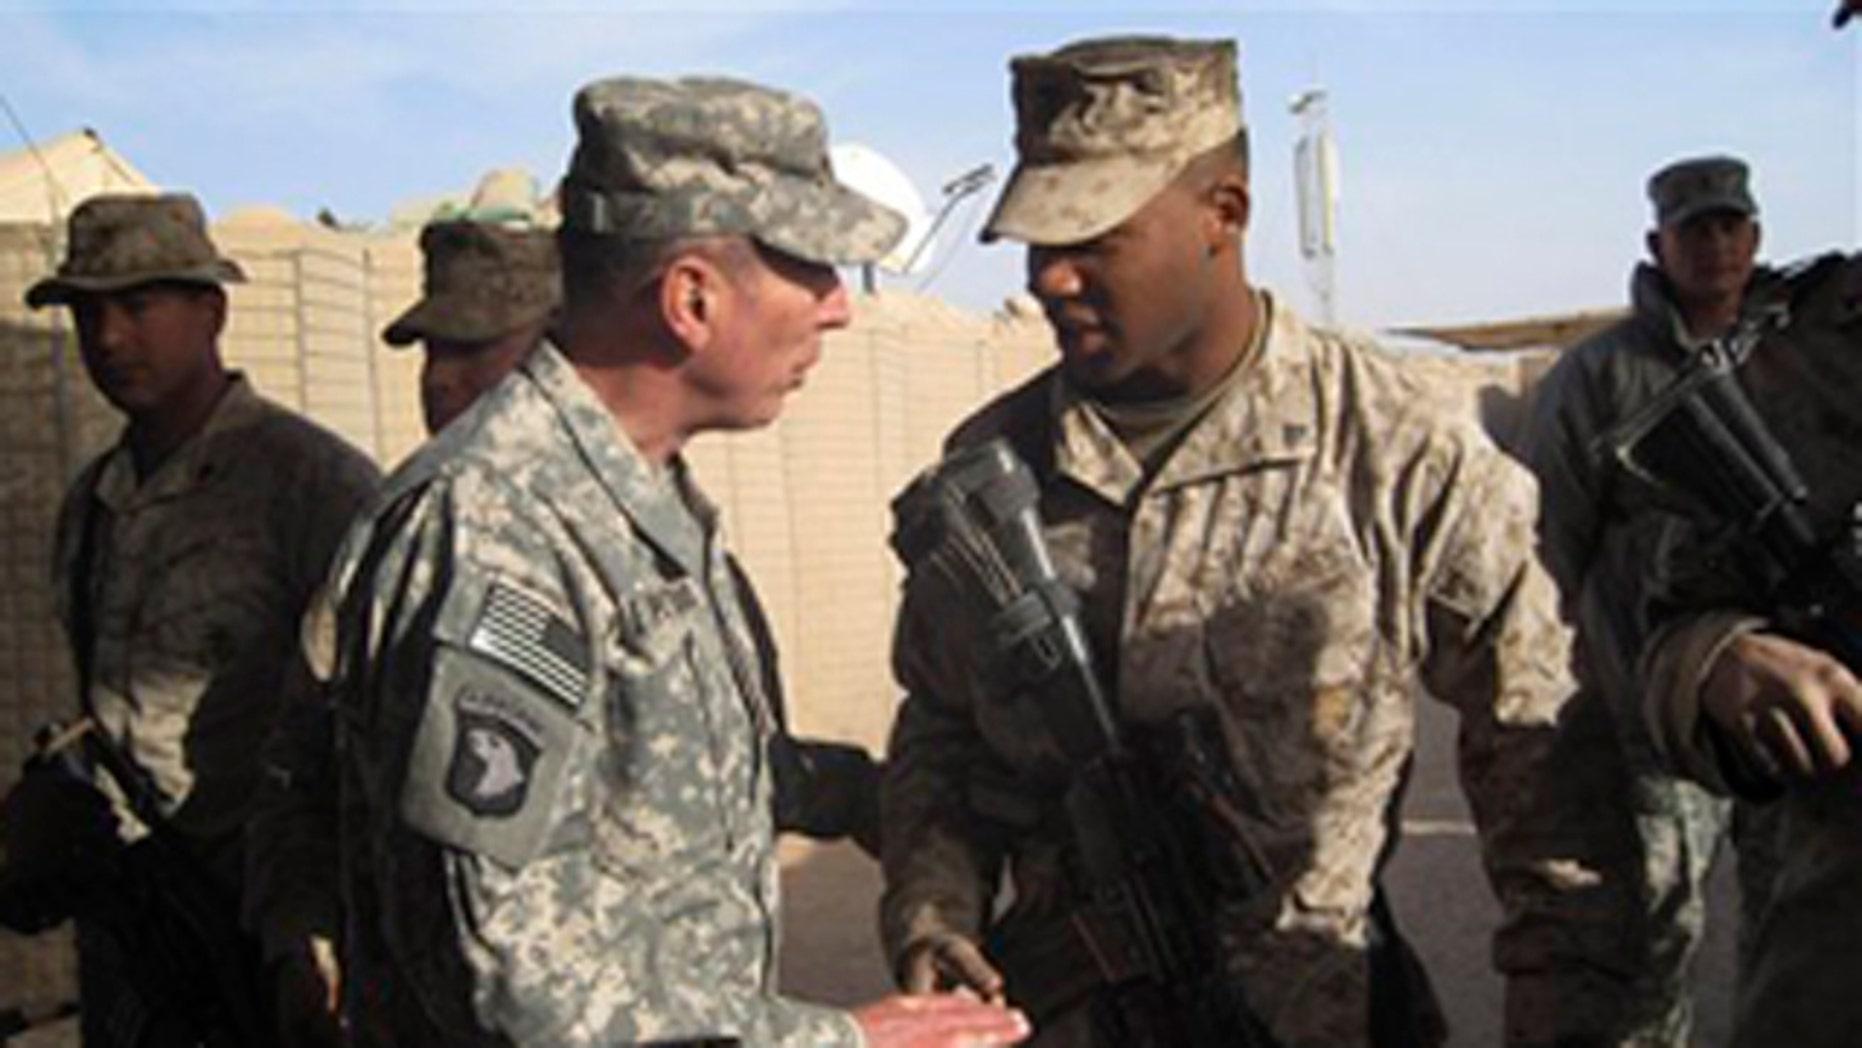 Dec. 25, 2010: Gen. David Petraeus, left, top U.S. and NATO commander in Afghanistan, meets U.S. marines during his visit to Marjah, Afghanistan.